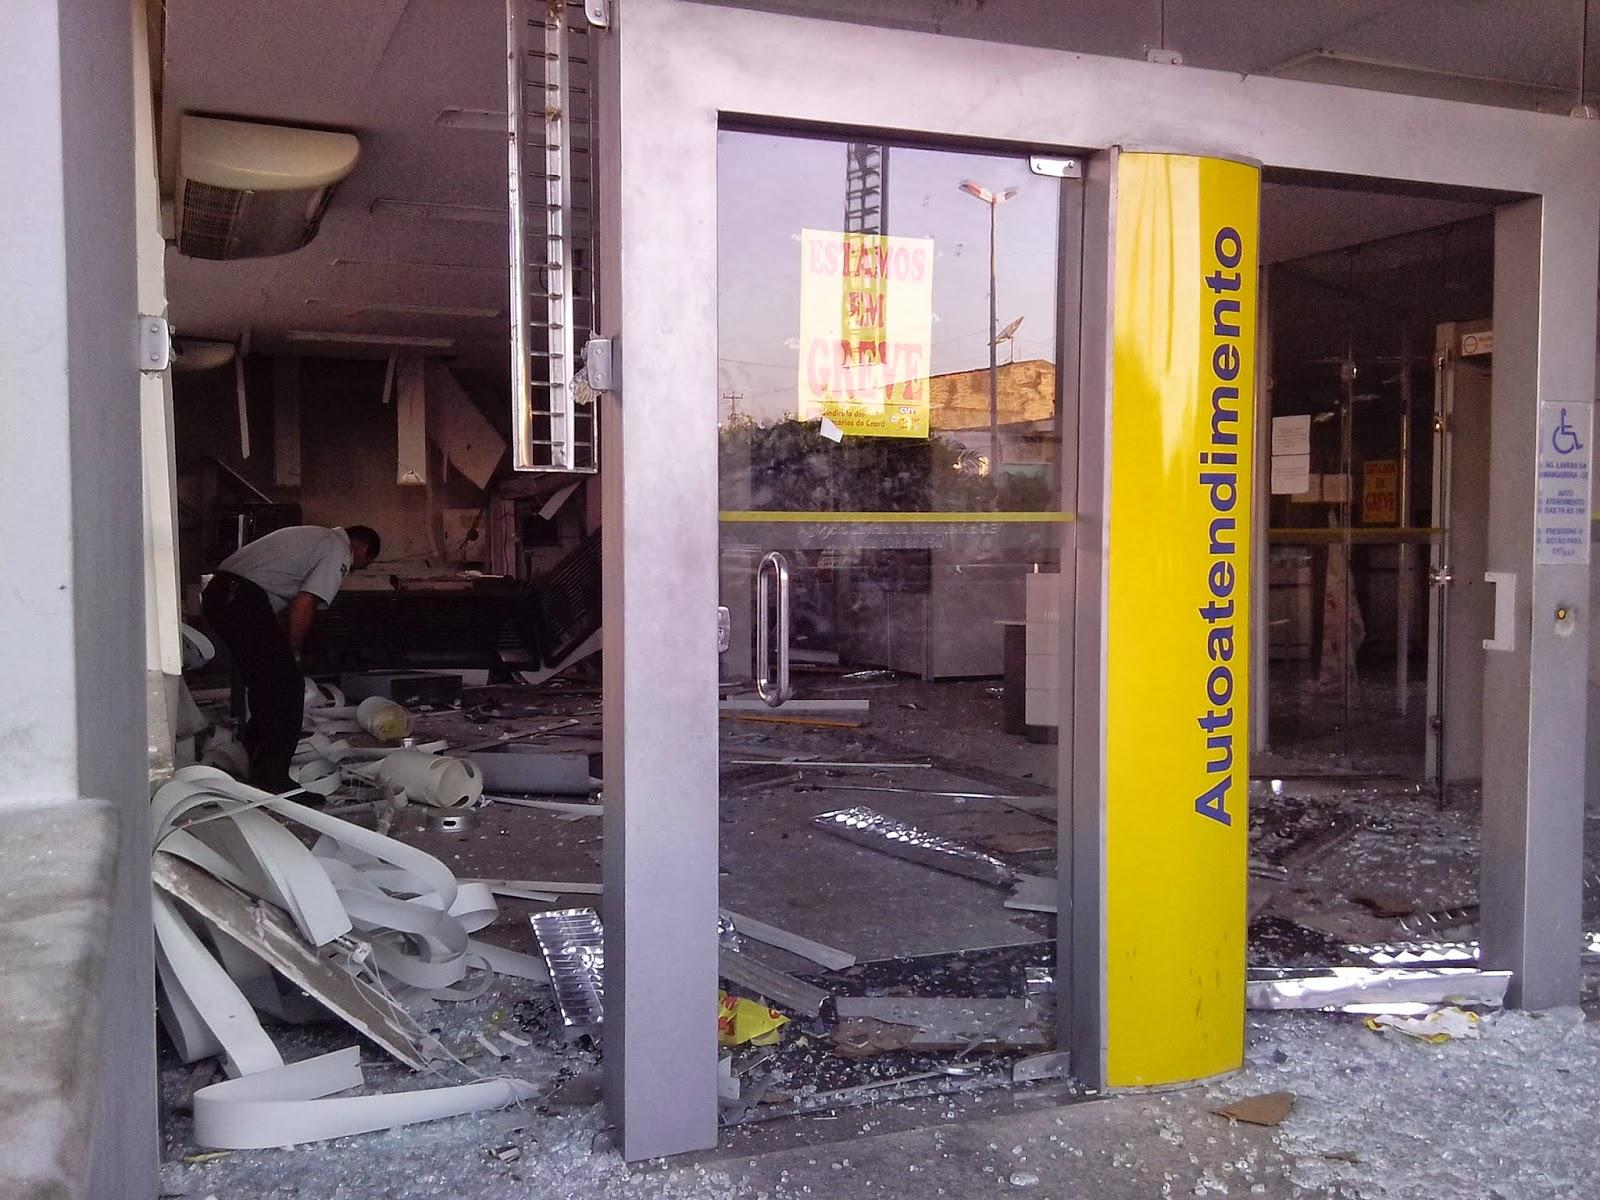 Banco do Brasil de Lavras da Mangabeira foi explodido na madrugada desta sexta-feira (4) (FOTO: Blog do Paulo Sérgio de Carvalho)